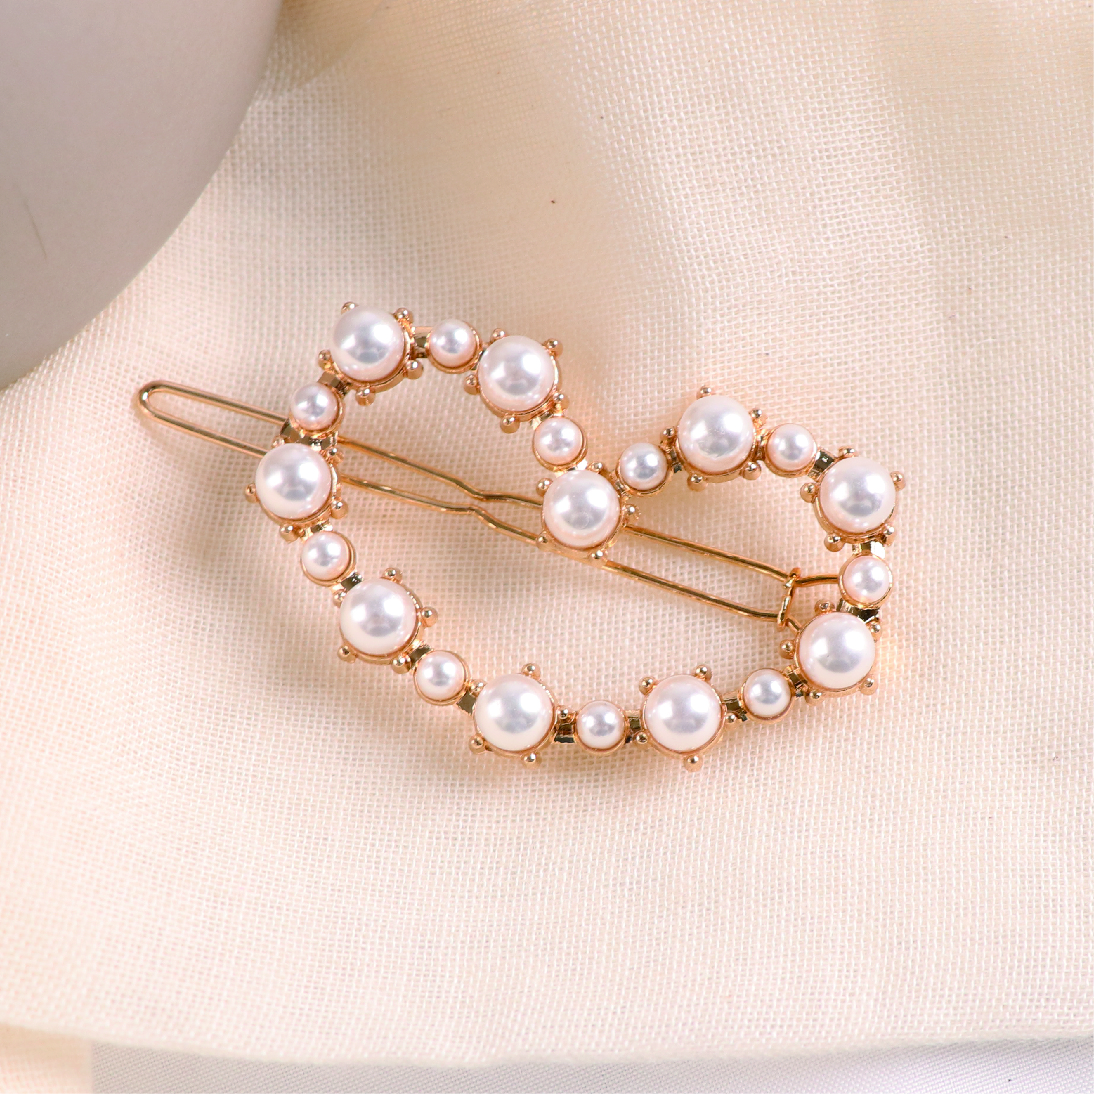 純粹珍珠愛心髮夾扣 / 2型